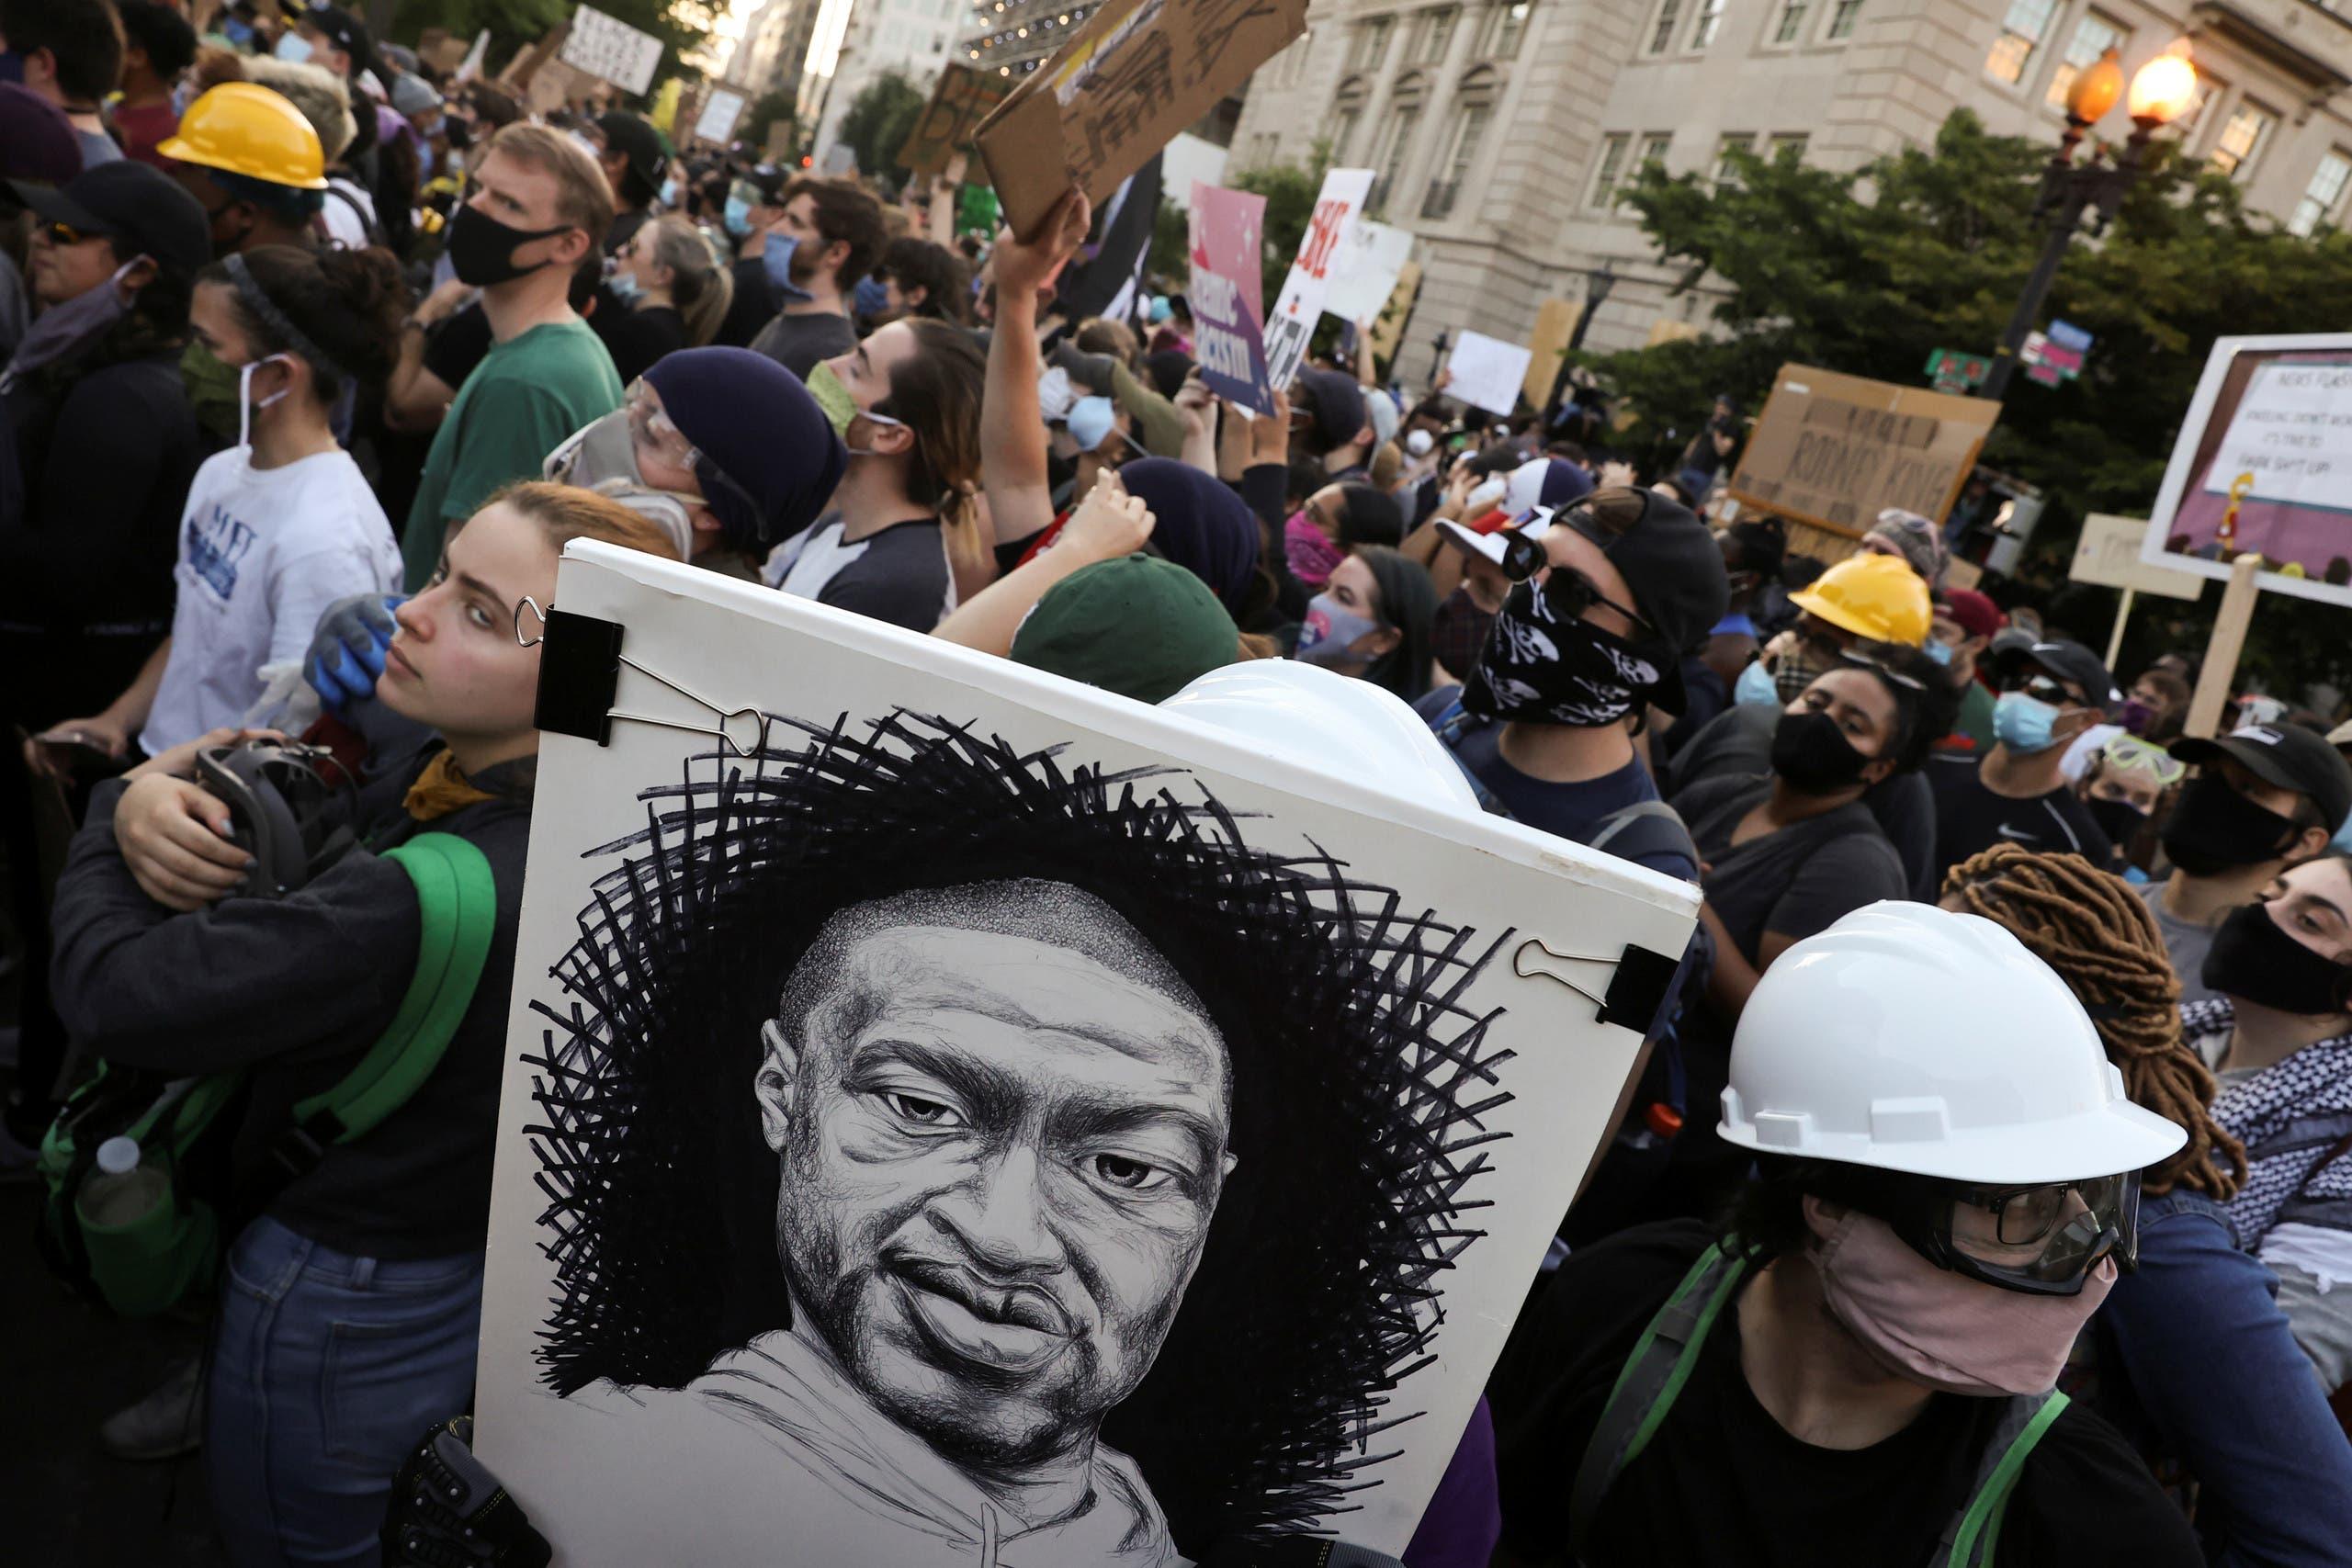 من مظاهرات أميركا - رويترز - 6 -3 - 2020